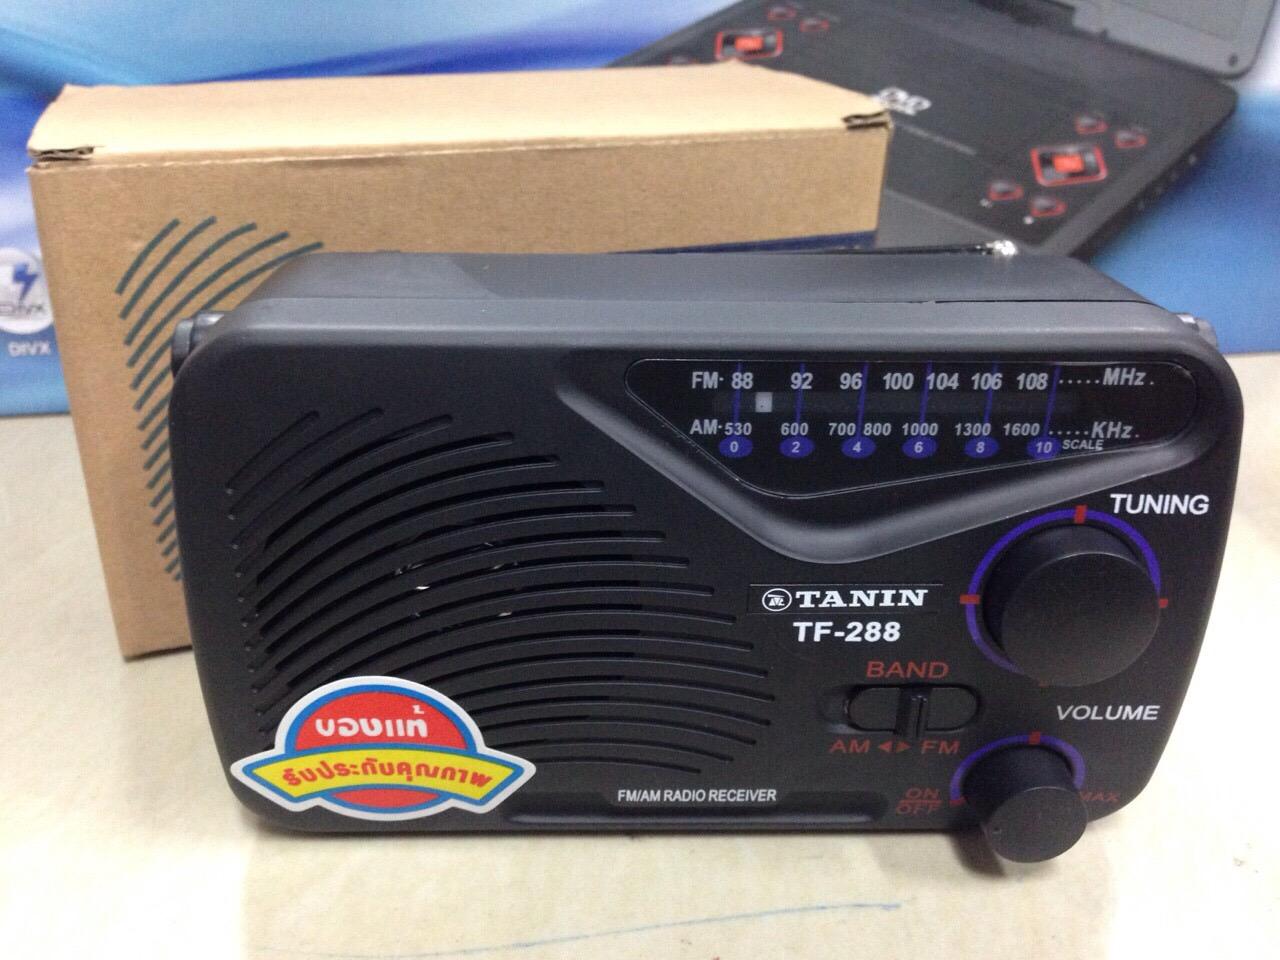 วิทยุ fm Tanin ธานินทร์ รุ่น TF-288